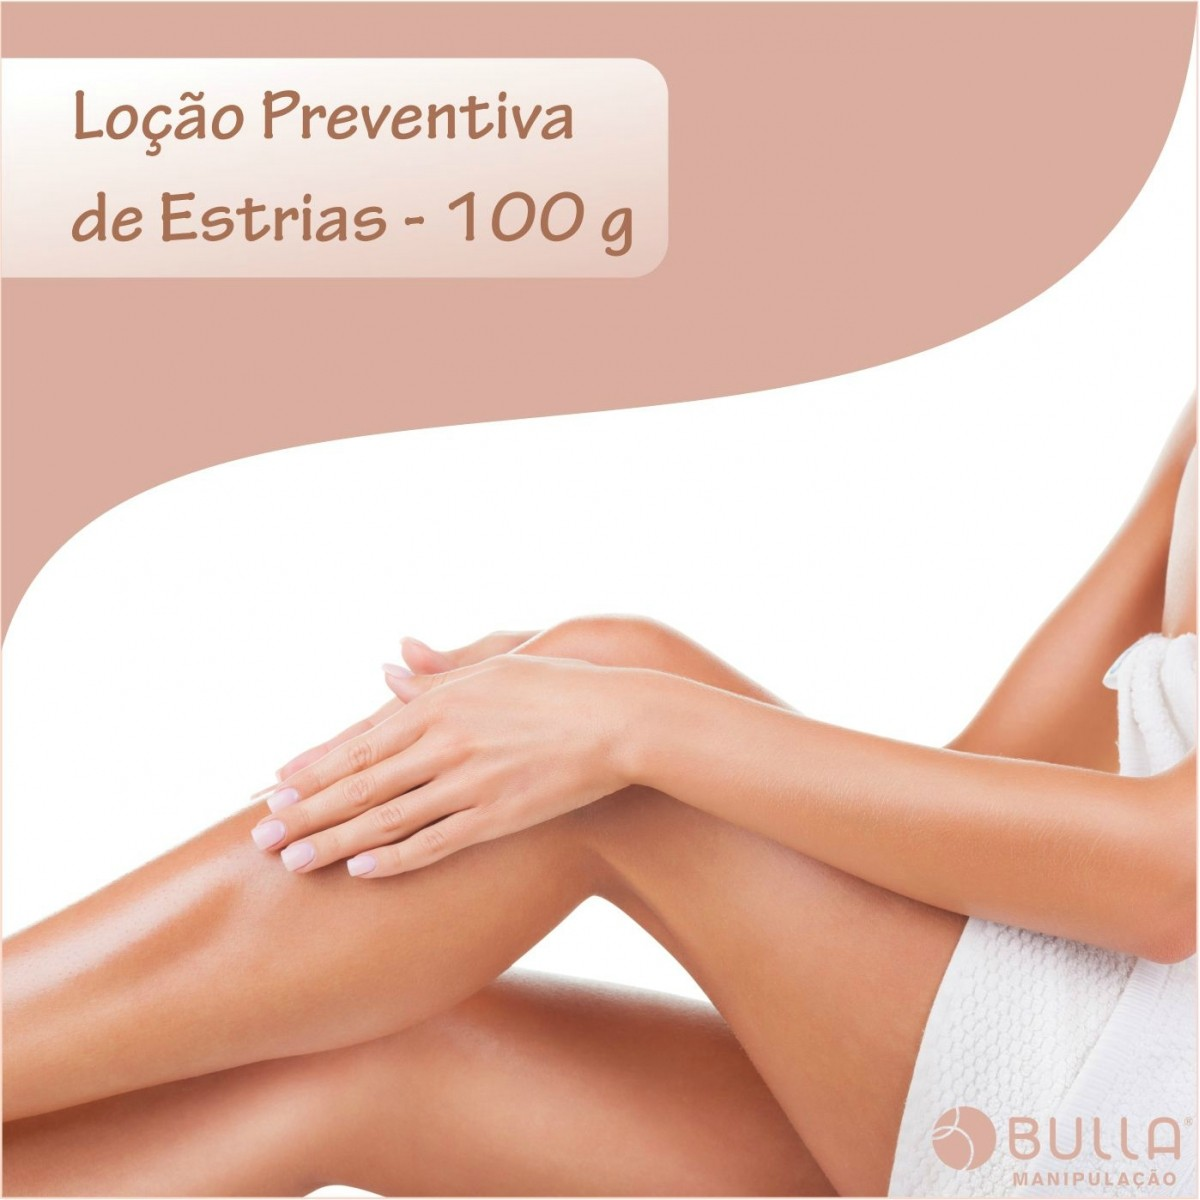 Loção Preventiva de Estrias - 100 g  - Bulla Farmácia de Manipulação